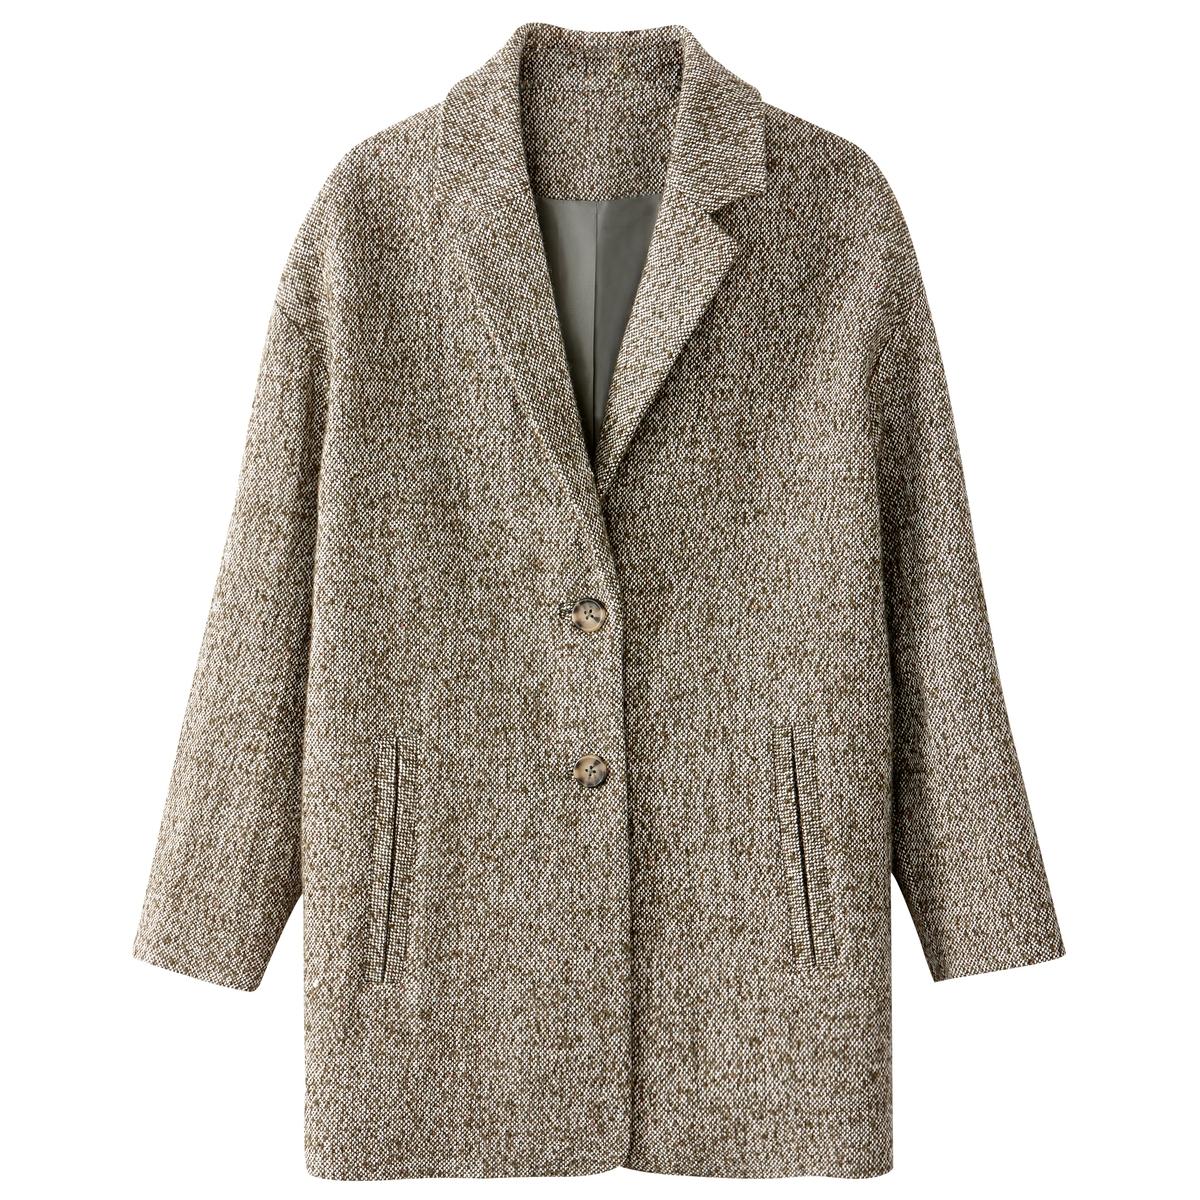 Пальто овальной формыСтильное объемное пальто из смесовой шерсти . Застежка на пуговицы. Полностью на подкладке. Карманы по бокам.Детали •  Длина : средняя •   V-образный вырез • Застежка на пуговицыСостав и уход •  41% шерсти, 3% полиамида, 56% полиэстера •  Подкладка : 100% полиэстер • Не стирать • •  Любые растворители / не отбеливать   •  Не использовать барабанную сушку   •  Не гладить •  Длина : 82 см<br><br>Цвет: зеленый хаки<br>Размер: 34 (FR) - 40 (RUS).44 (FR) - 50 (RUS).40 (FR) - 46 (RUS).38 (FR) - 44 (RUS).46 (FR) - 52 (RUS)